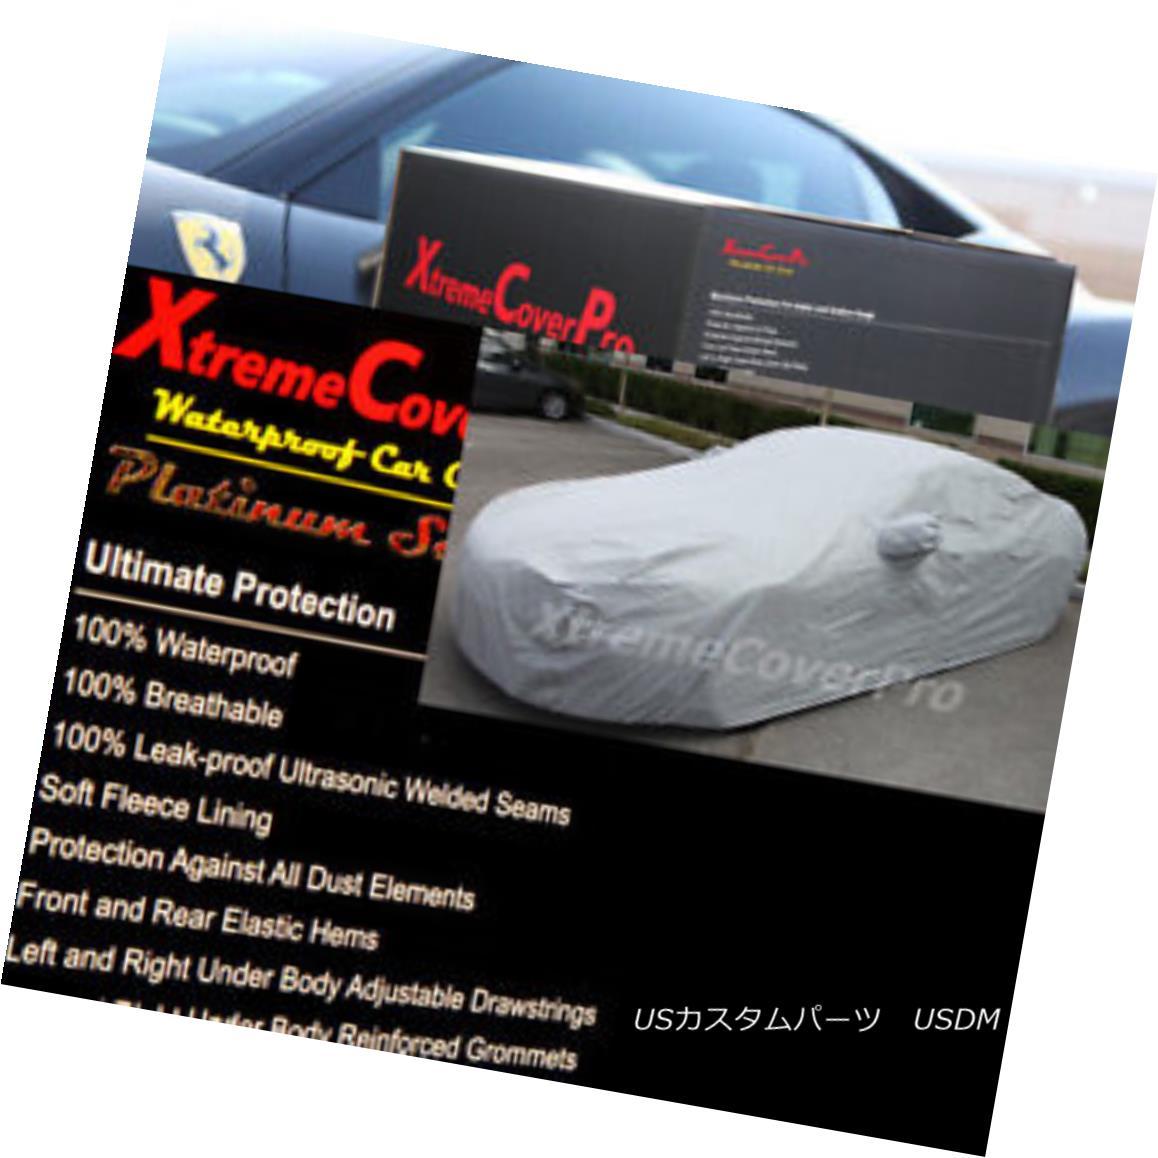 カーカバー 2015 JAGUAR XK XKR CONVERTIBLE Waterproof Car Cover w/Mirror Pockets - Gray 2015 JAGUAR XK XKRコンバーチブル防水カーカバー付き/ミラーポケット - グレー